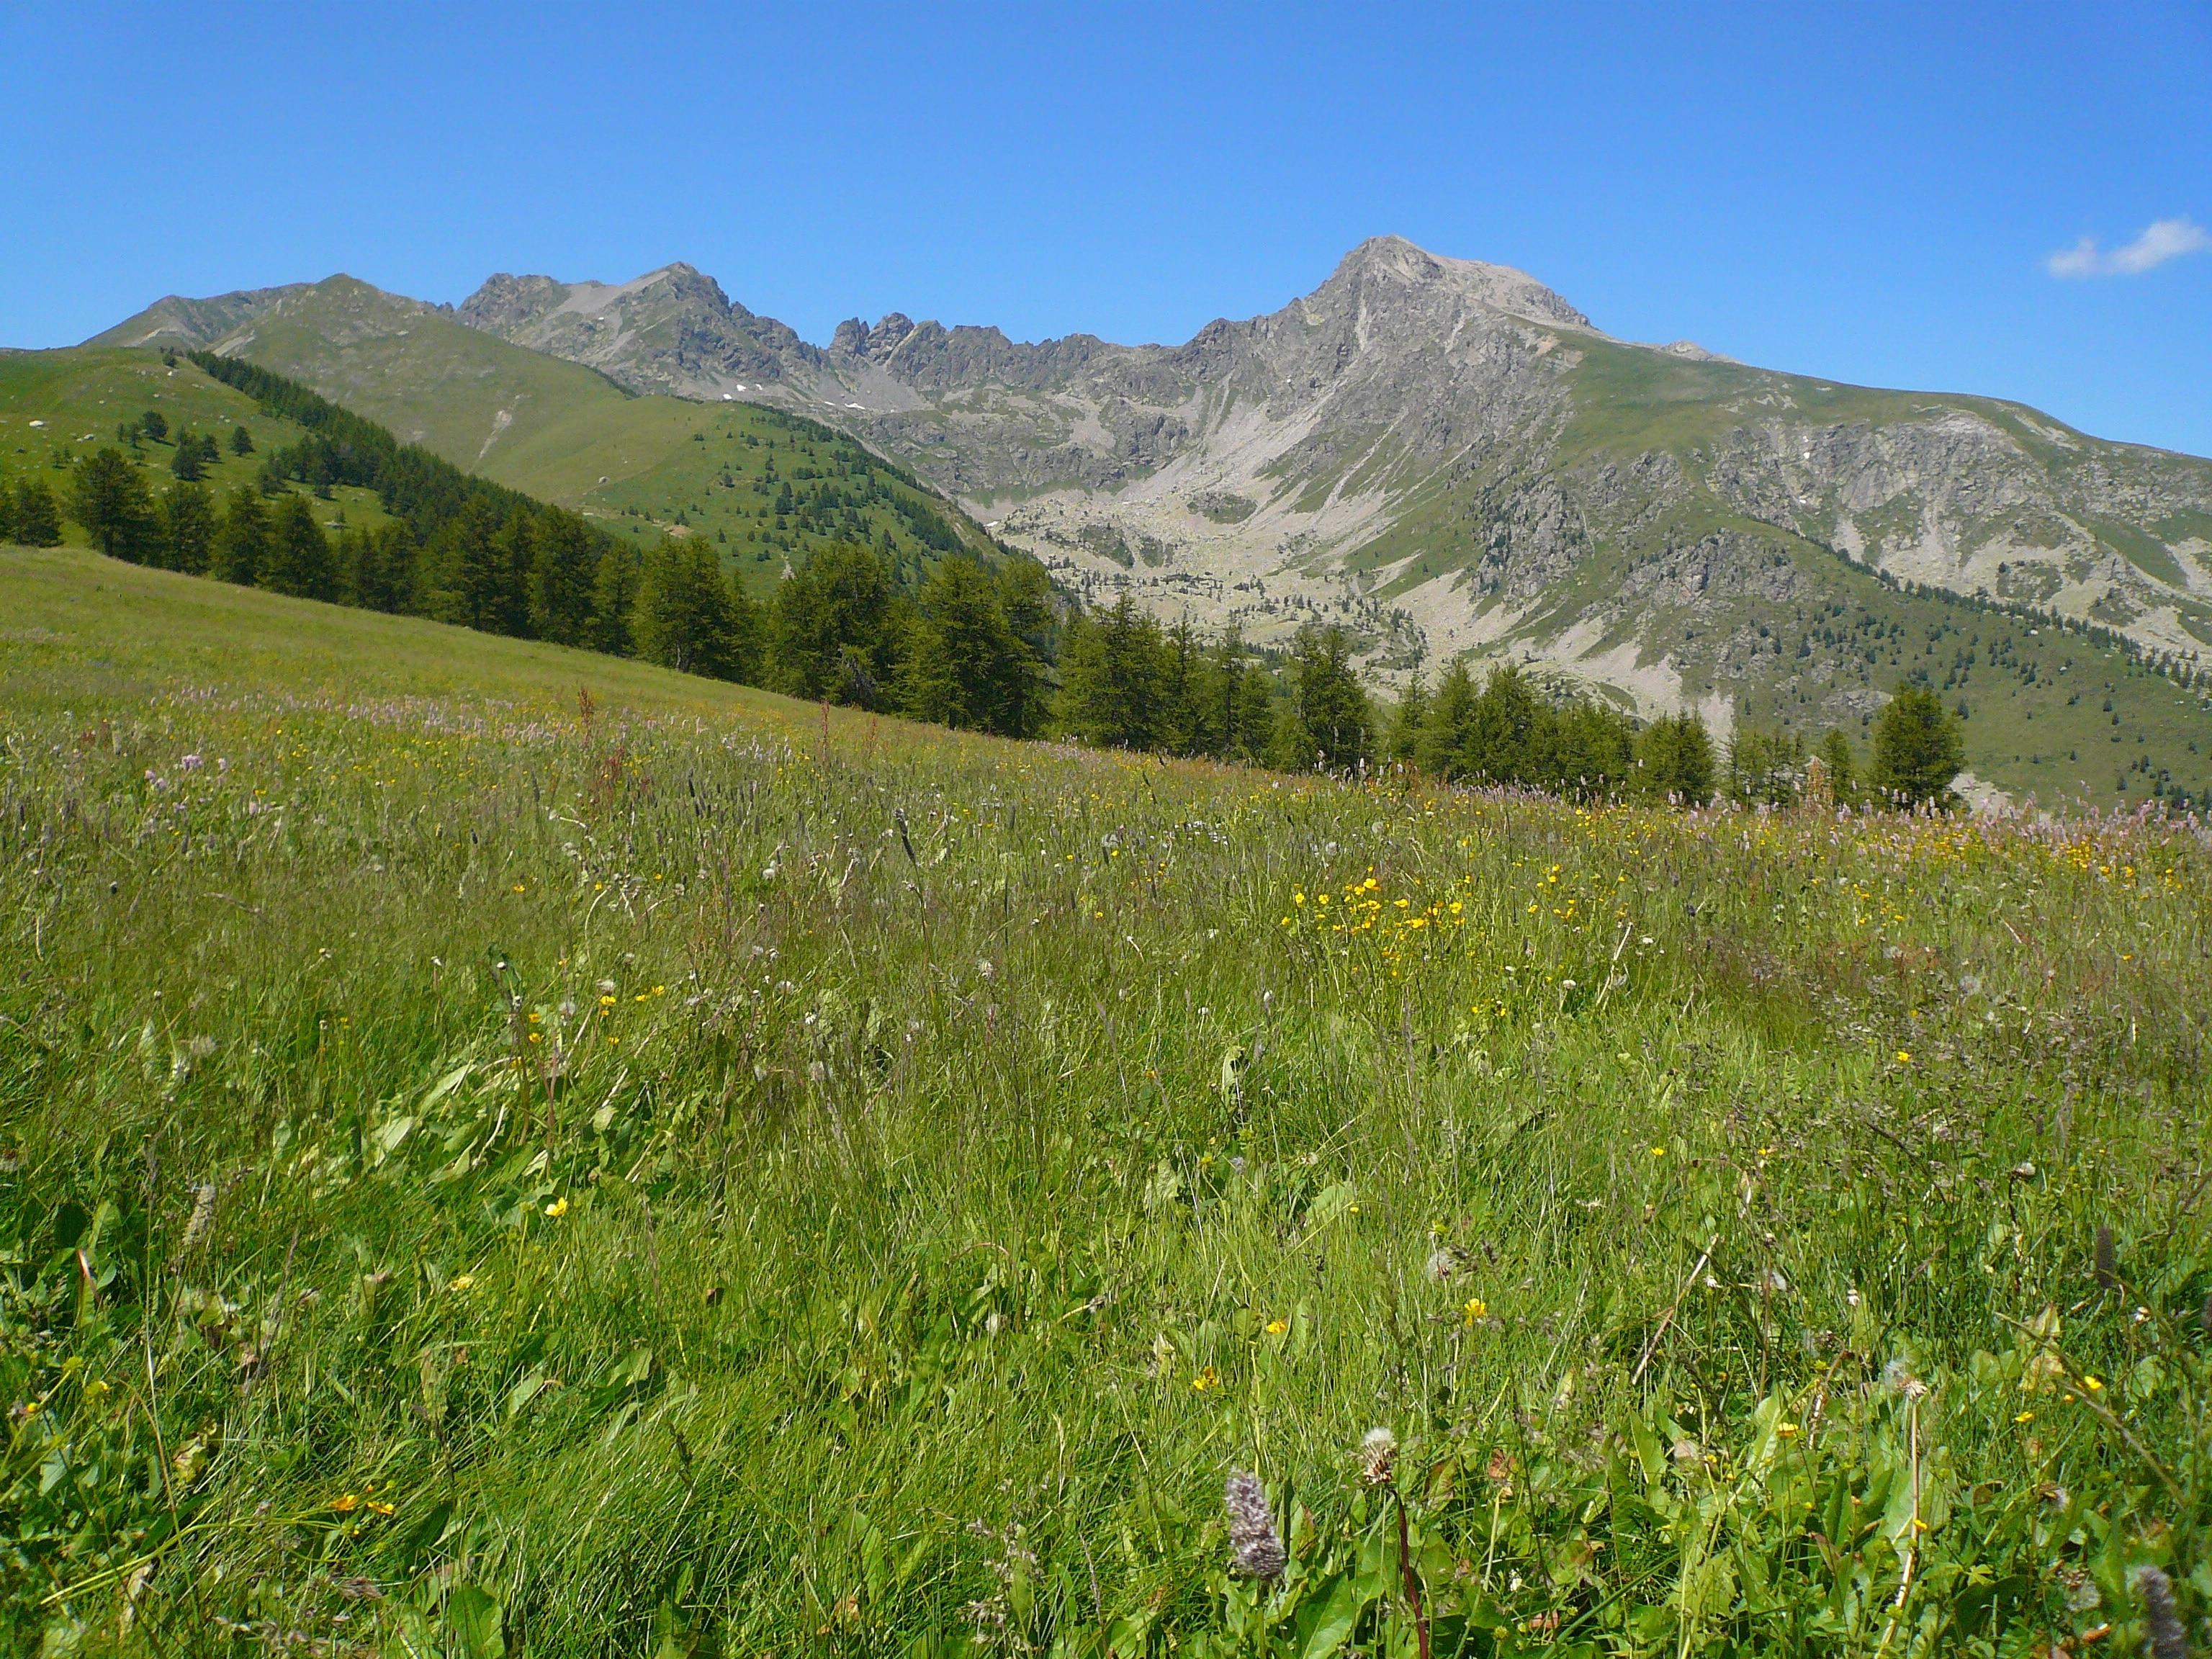 Tende, Alpes-Maritimes, Frankrijk